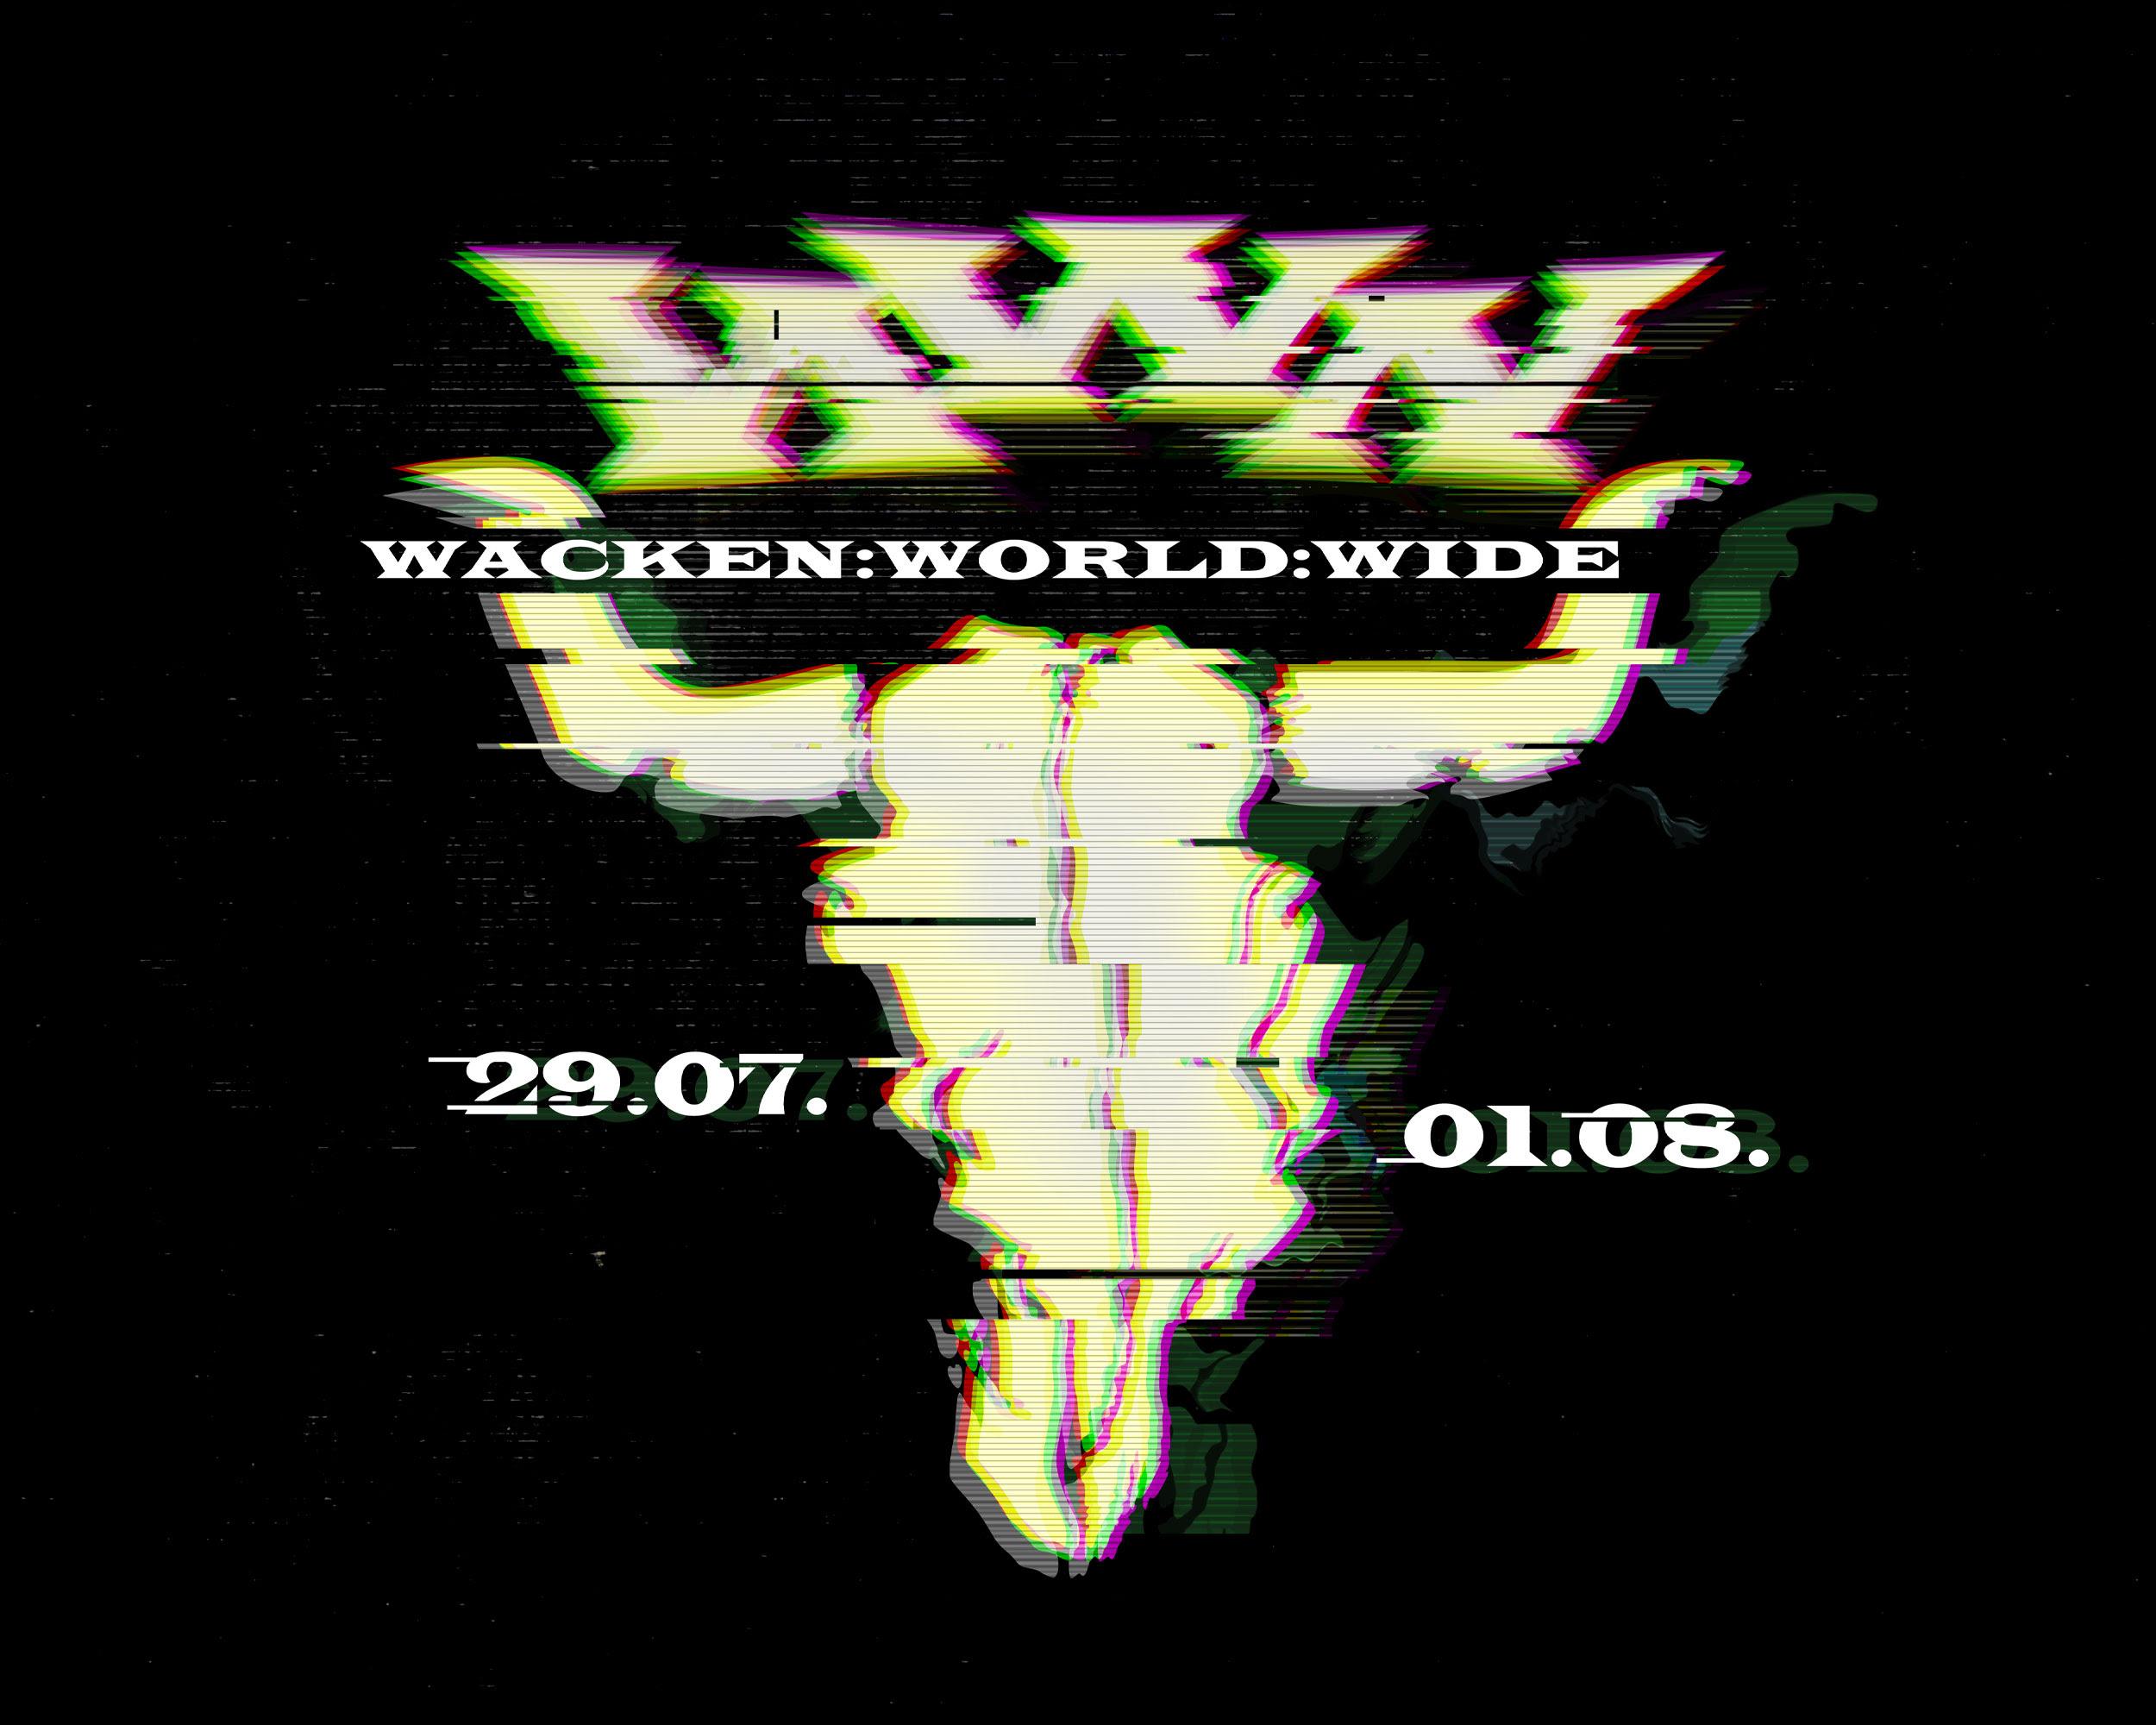 wackenworldwide.jpg